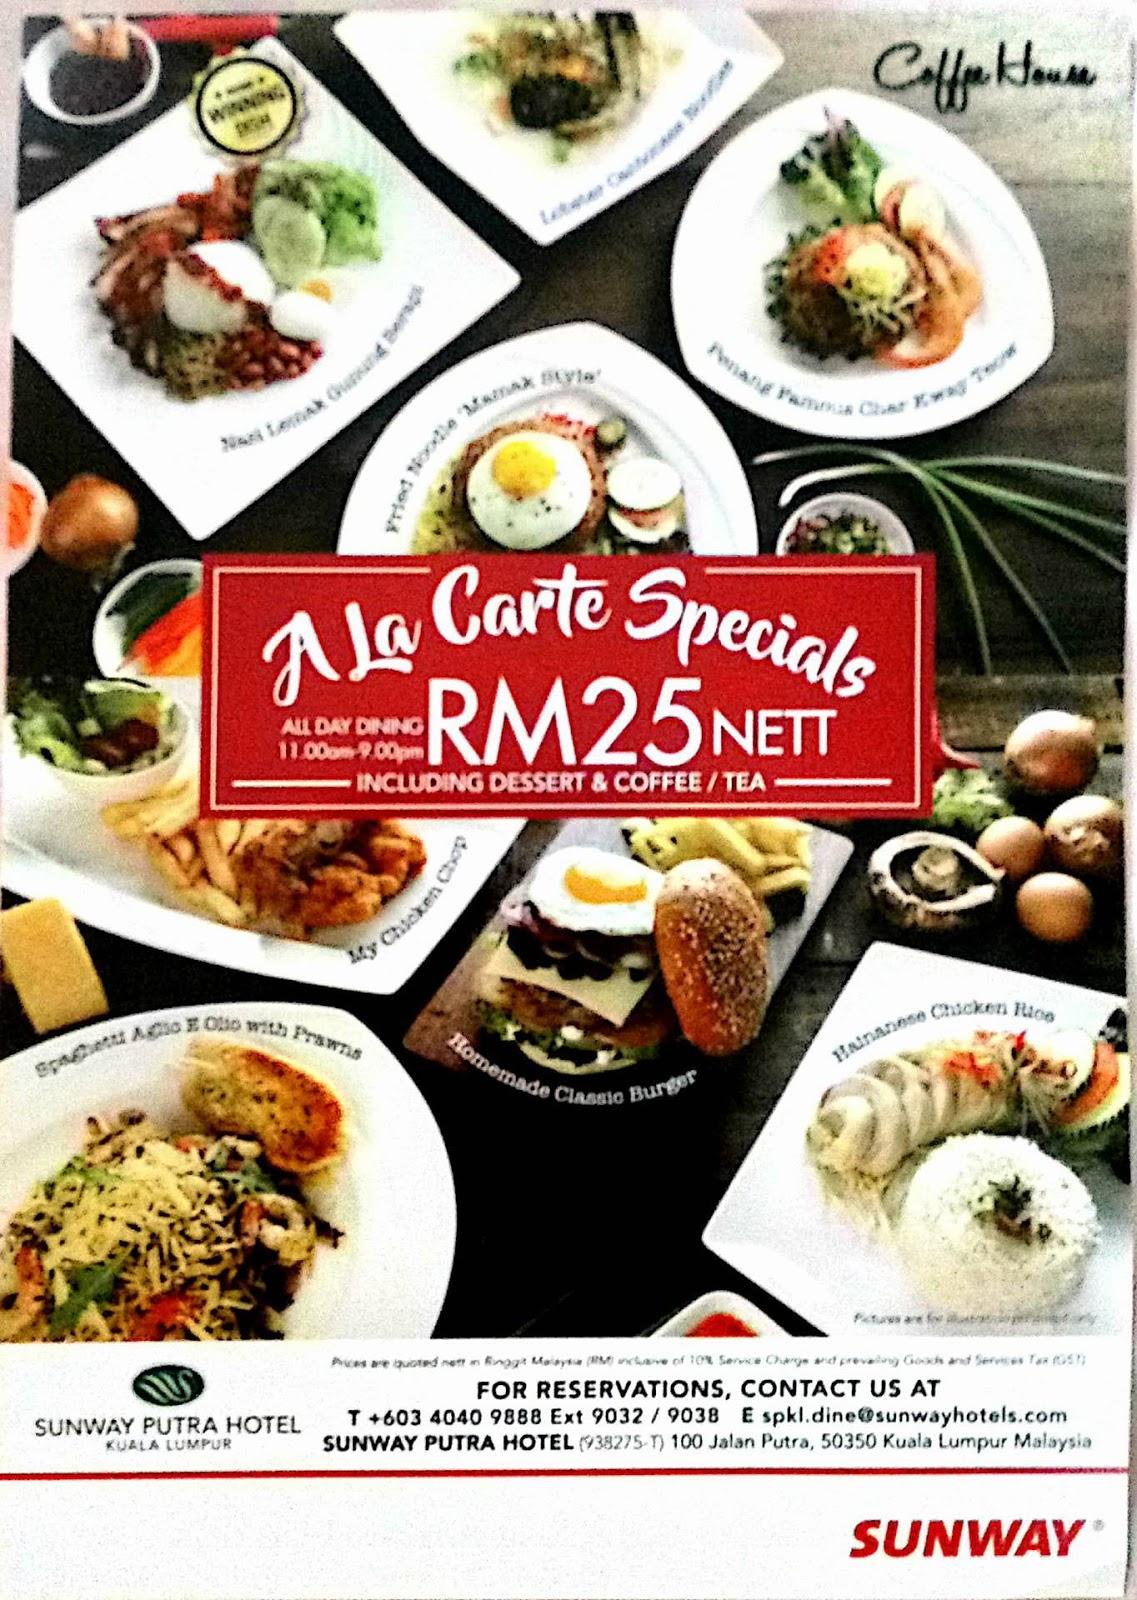 Follow Me To Eat La - Malaysian Food Blog: Sunway Putra